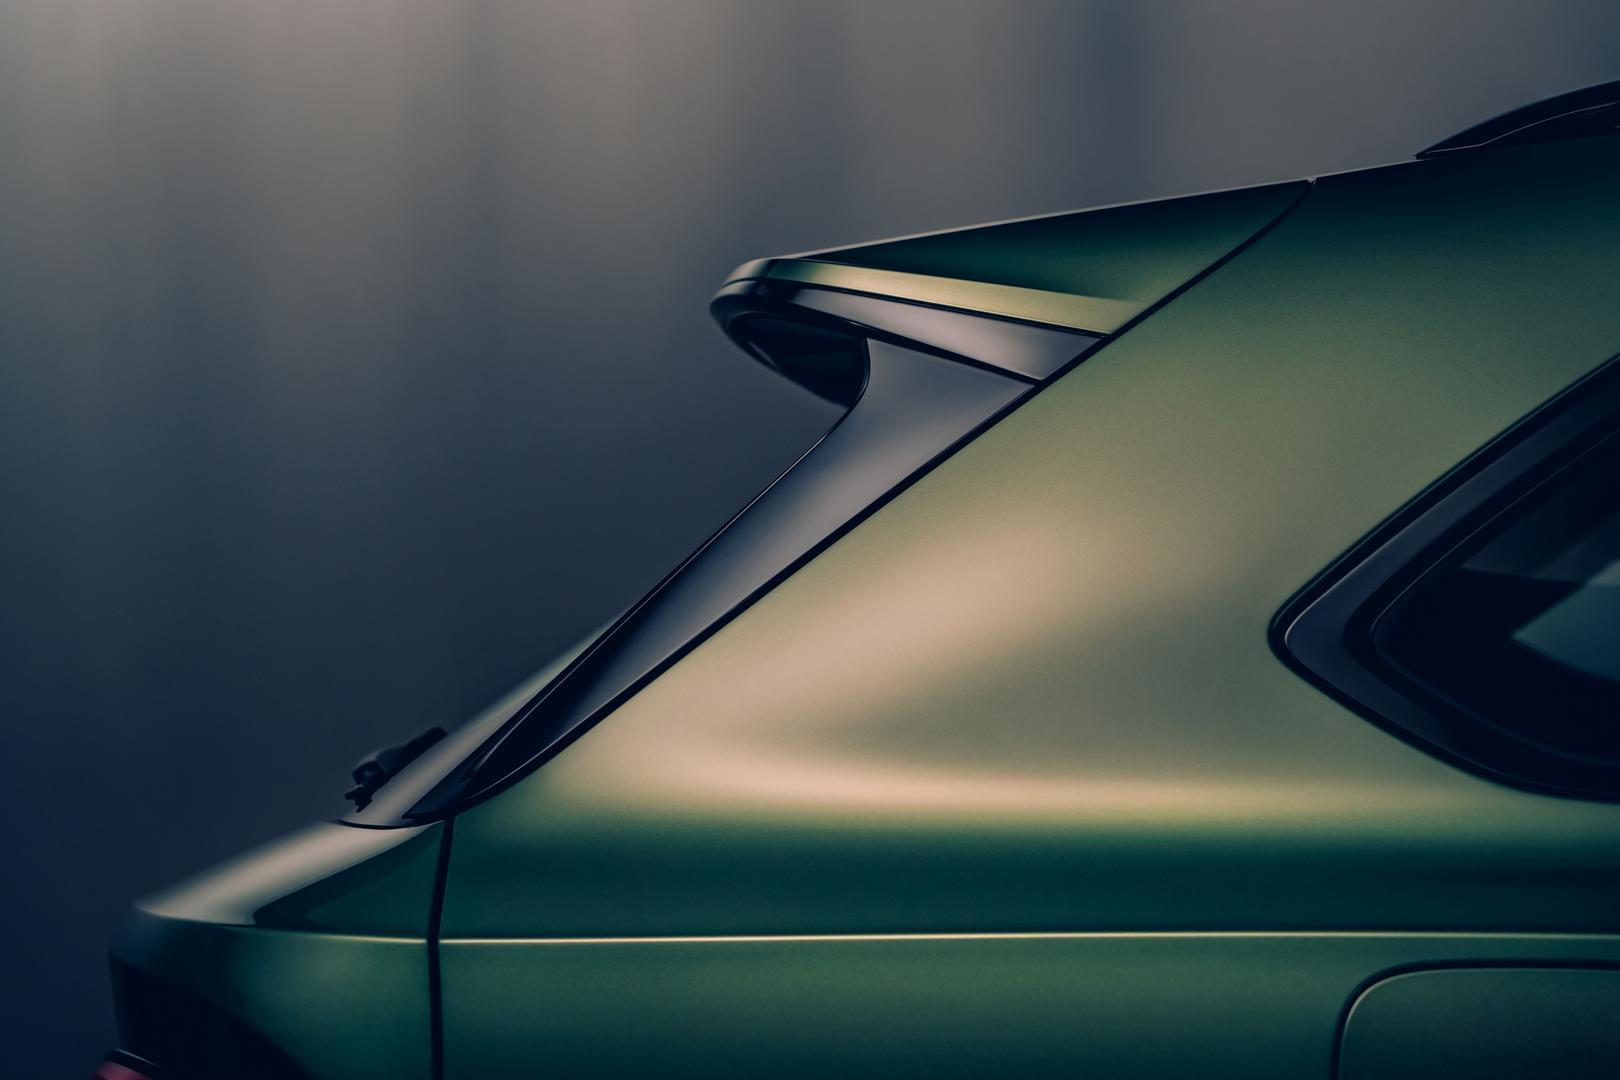 2021 Bentley Bentayga Details